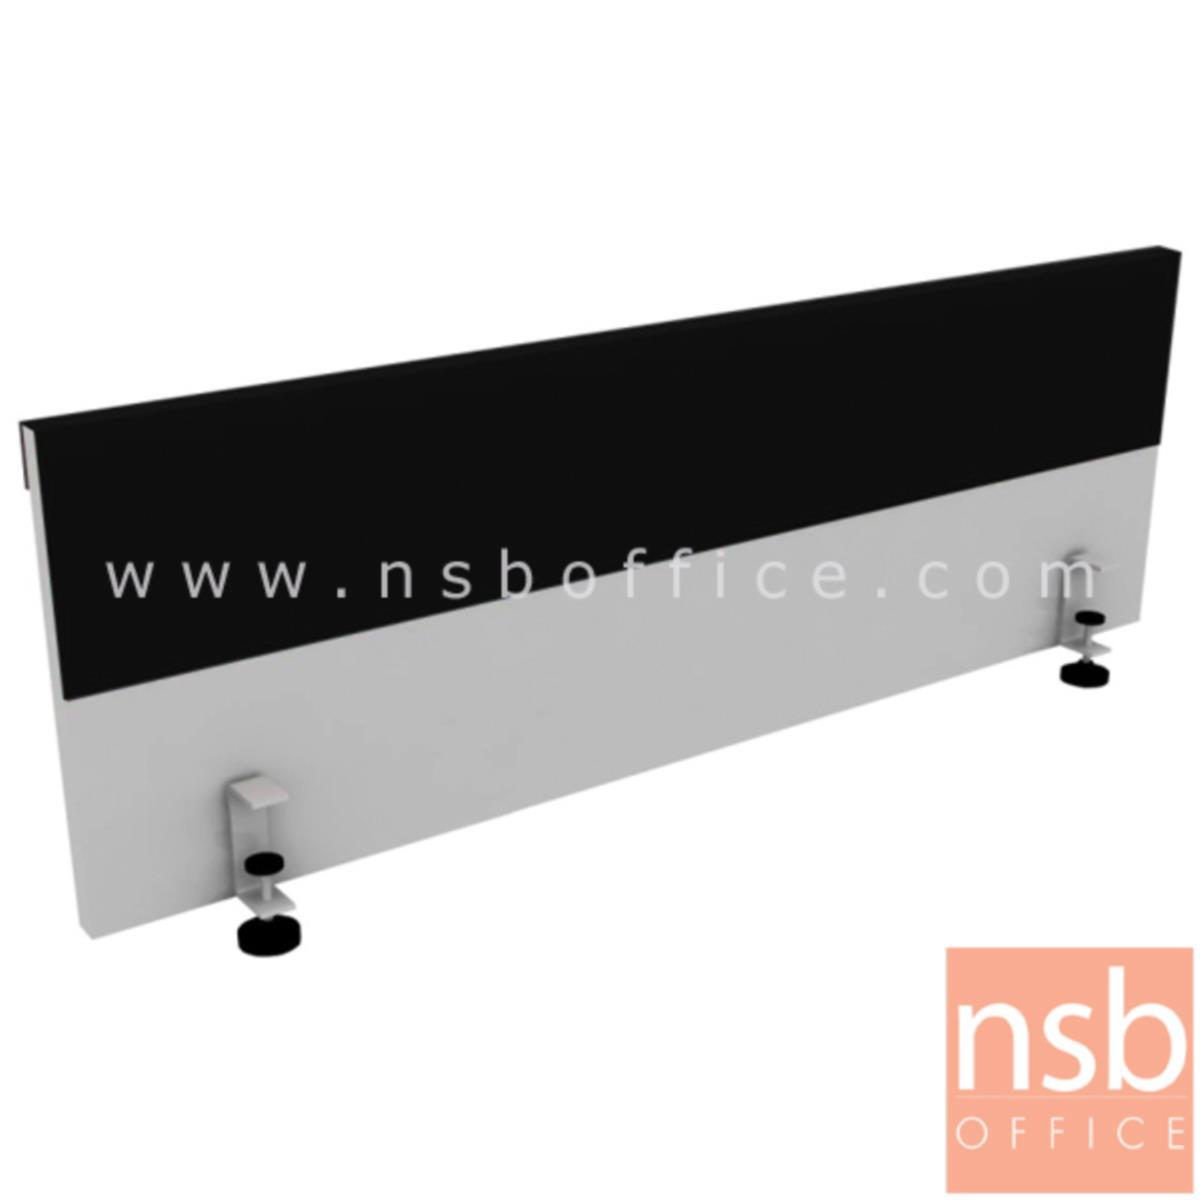 มินิสกรีนไม้เมลามีน พร้อมแถบเหล็กติด magnet รุ่น MS05WS (แบบหนีบหน้าโต๊ะหนาพิเศษ) 120W*40H cm